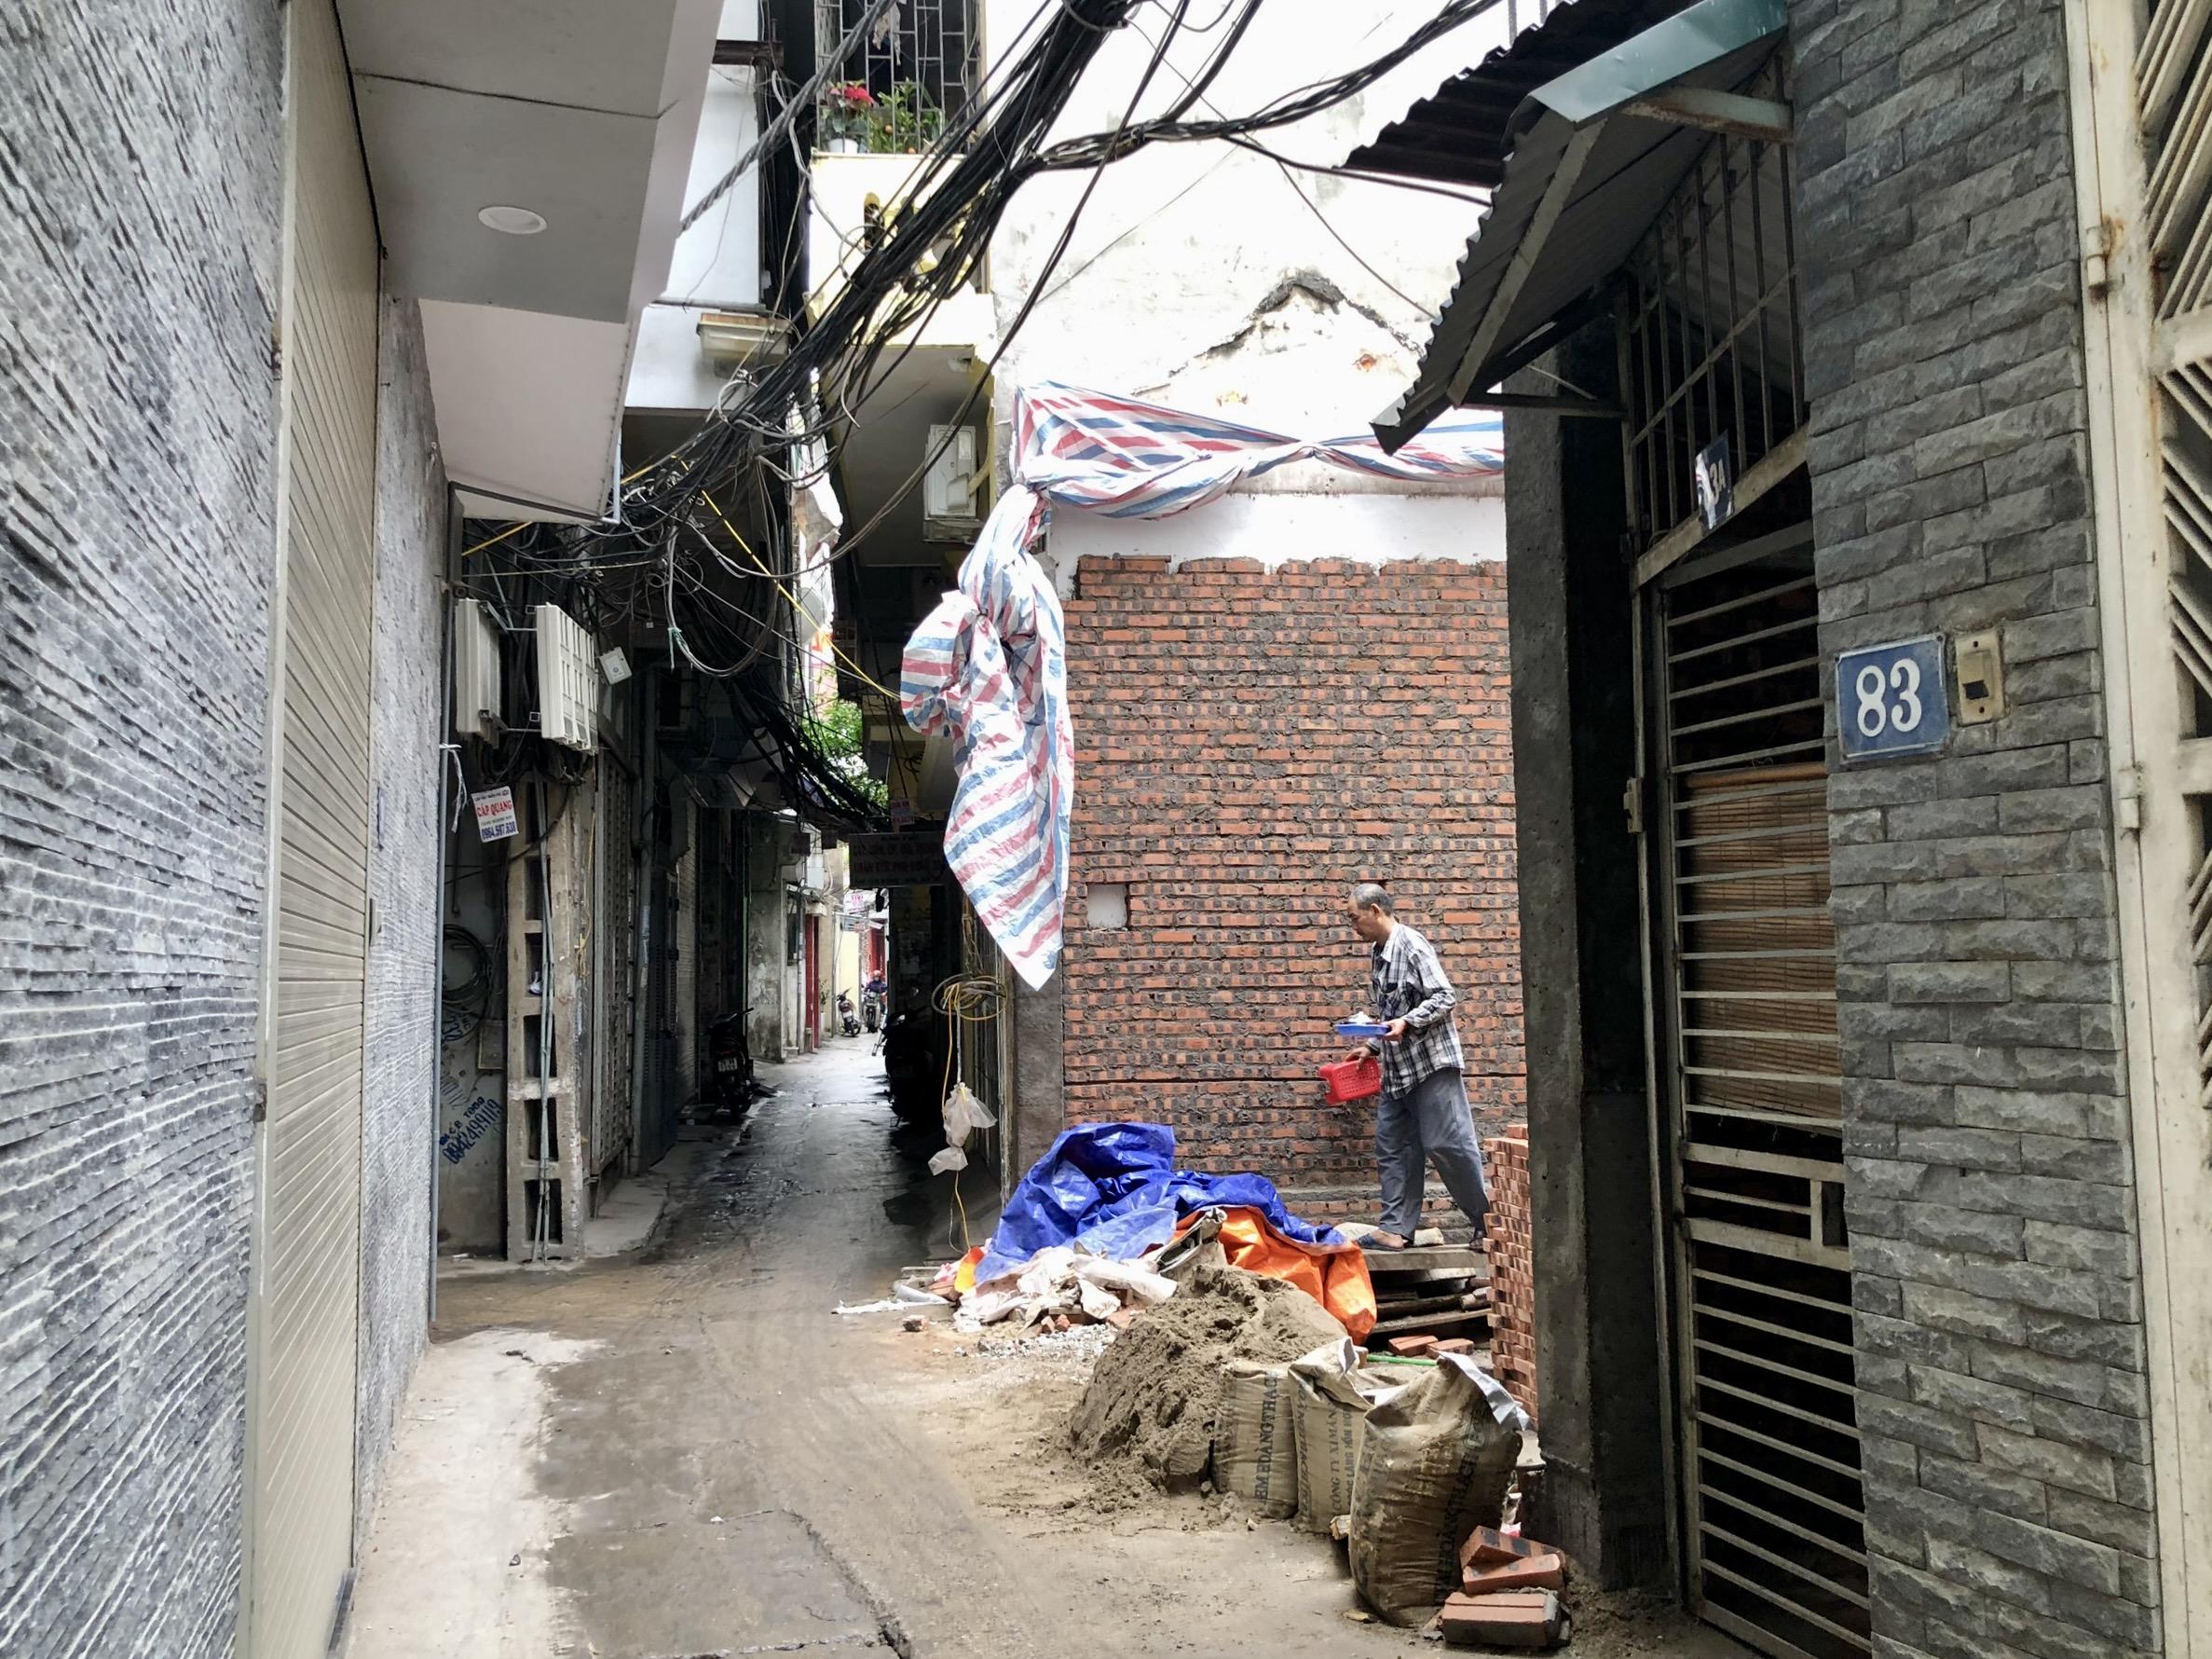 Đường sắp mở theo quy hoạch ở phường Liễu Giai, Ba Đình, Hà Nội (phần 3): Hai đường nối từ Văn Cao đến ngõ 279 Đội Cấn kéo dài - Ảnh 16.